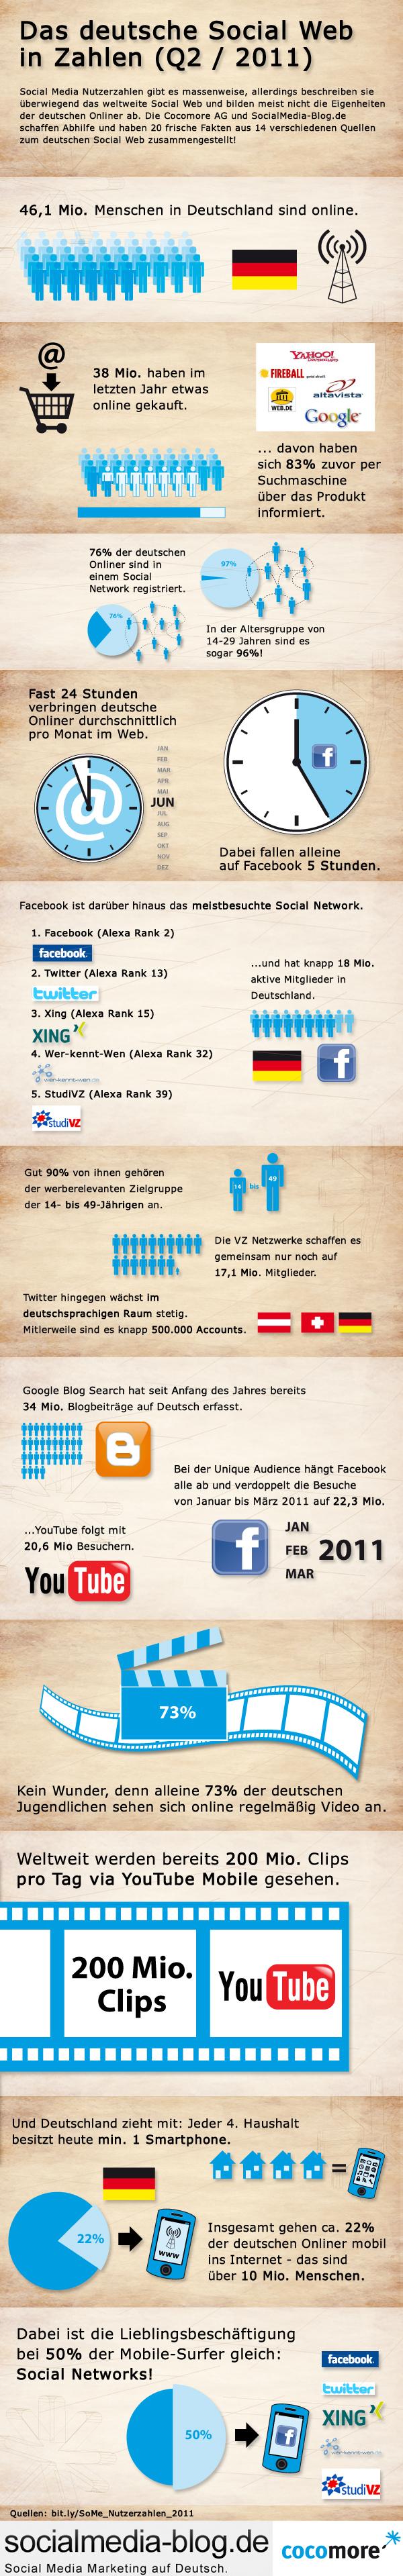 Social Media Nutzerzahlen und Trends